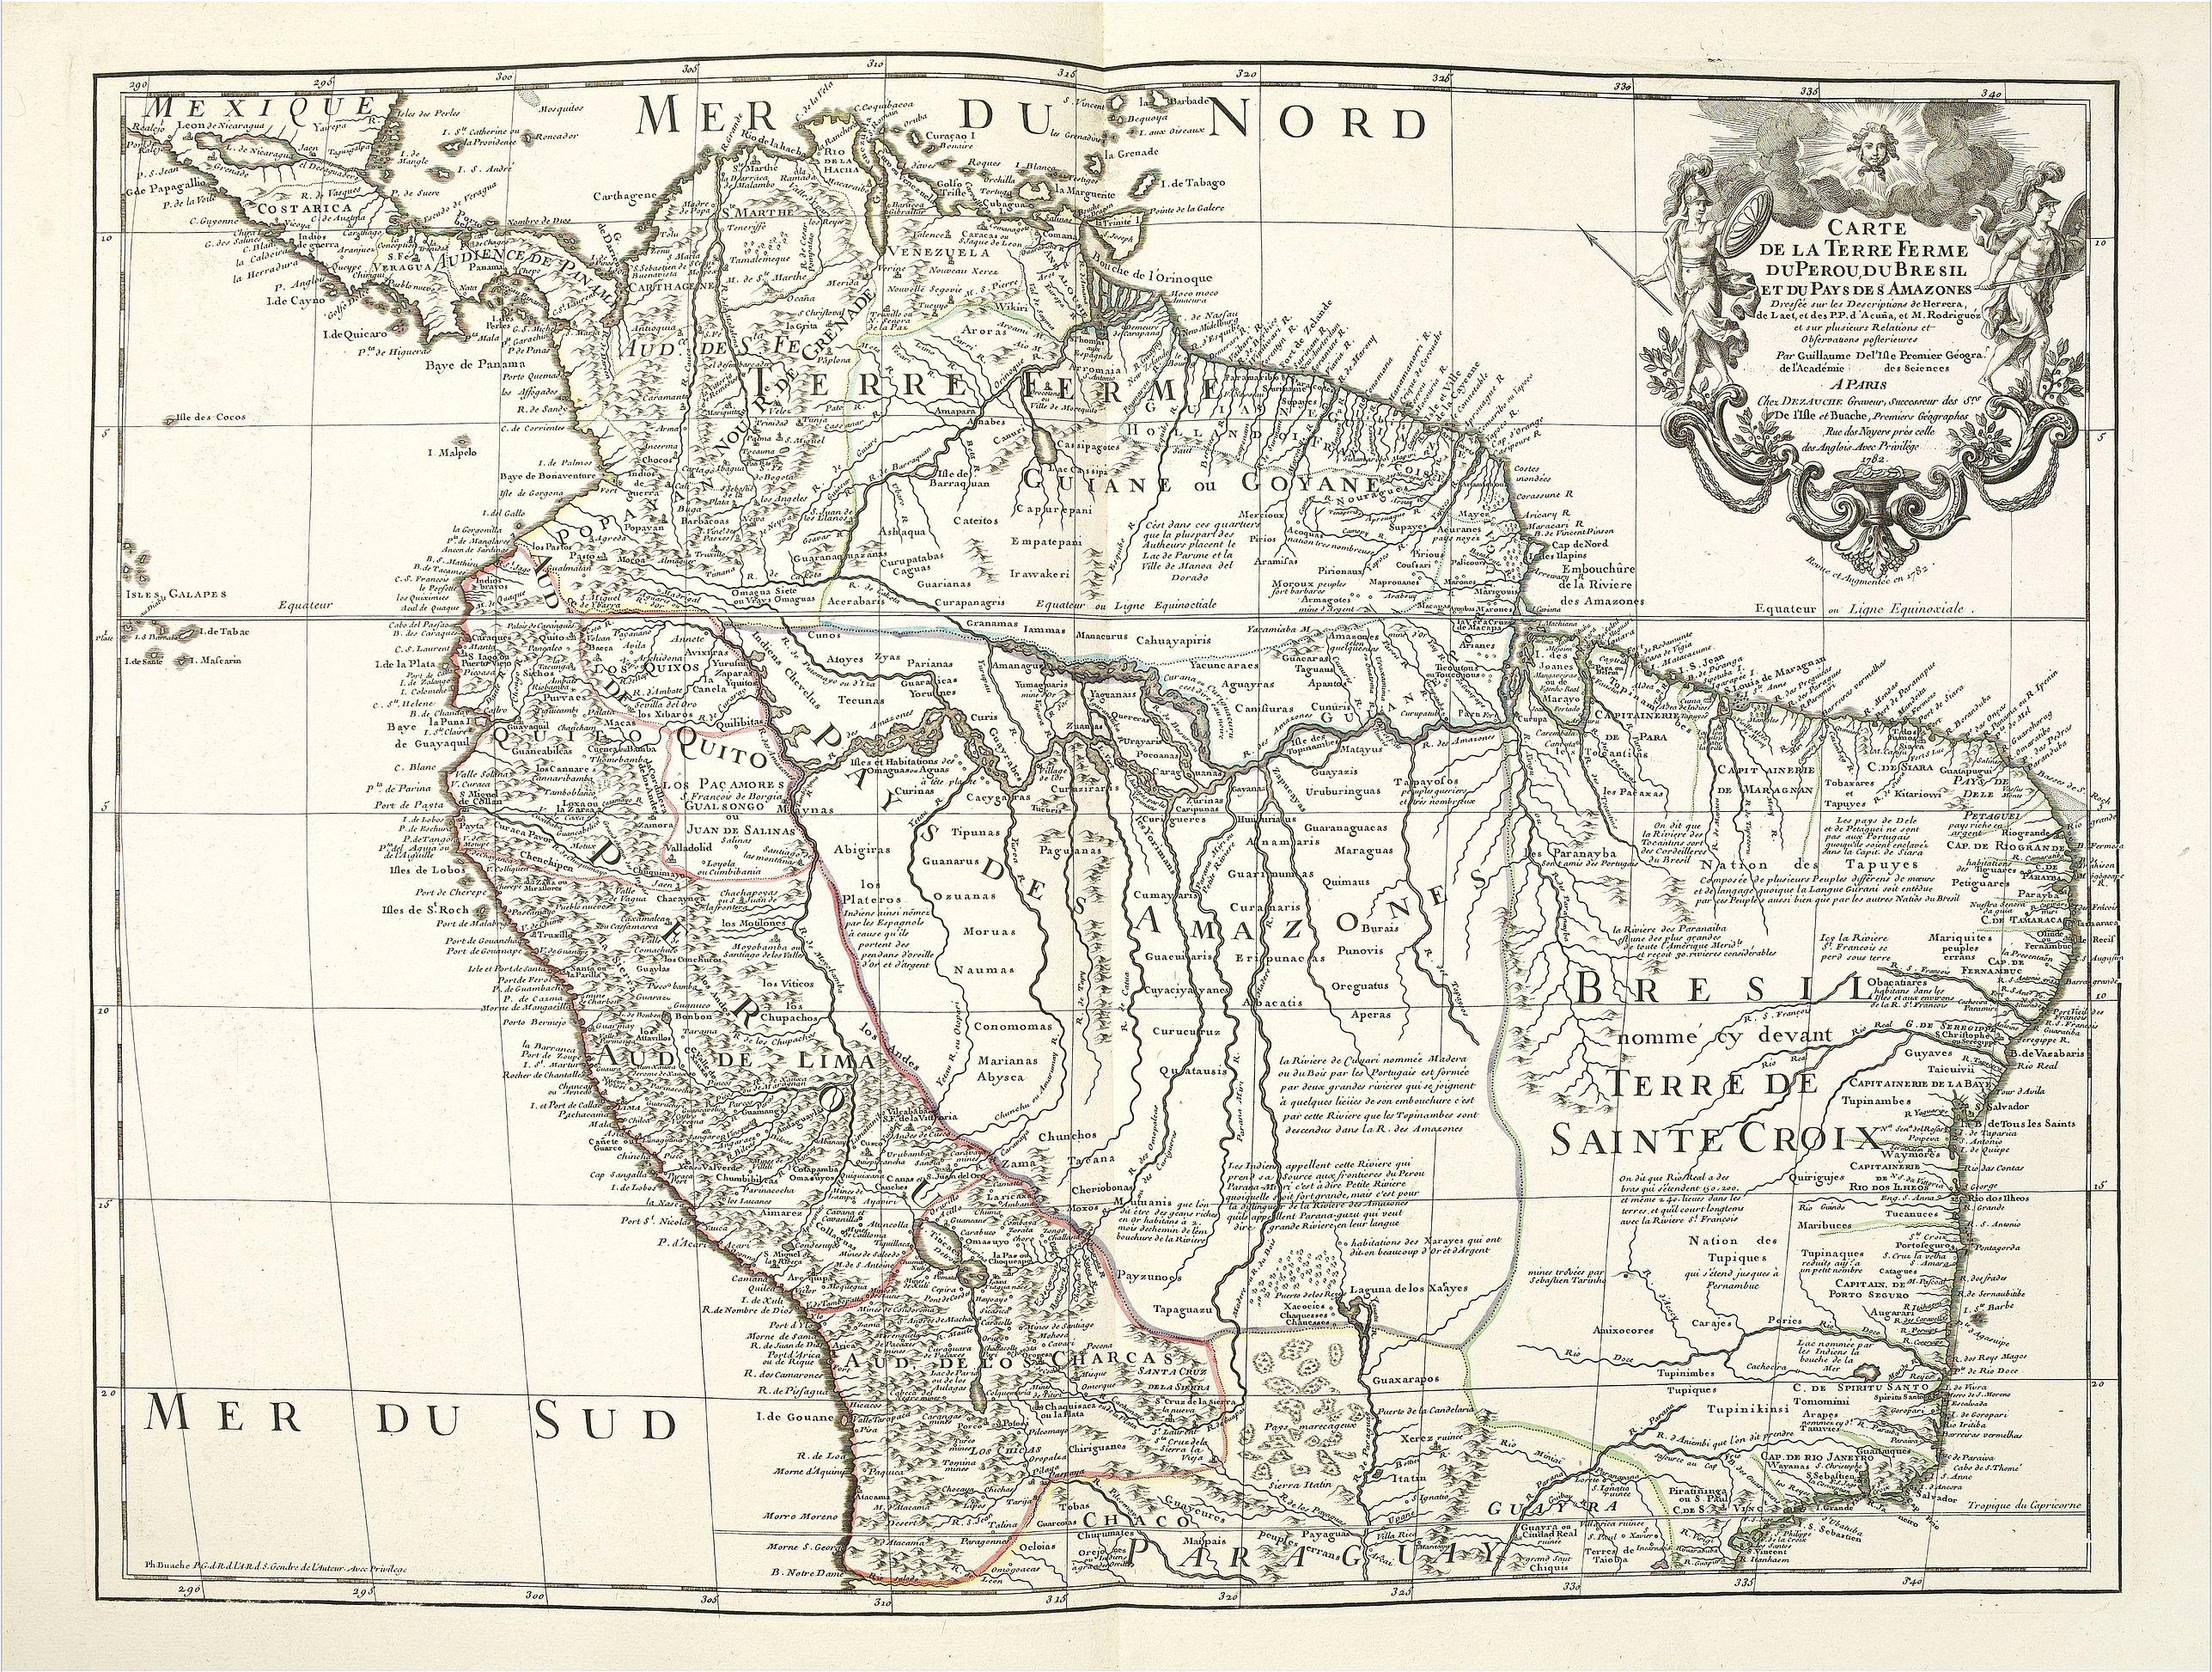 BUACHE, Ph. -  Carte de la Terre Ferme du Perou du Bresil et du Pays des Amazones.